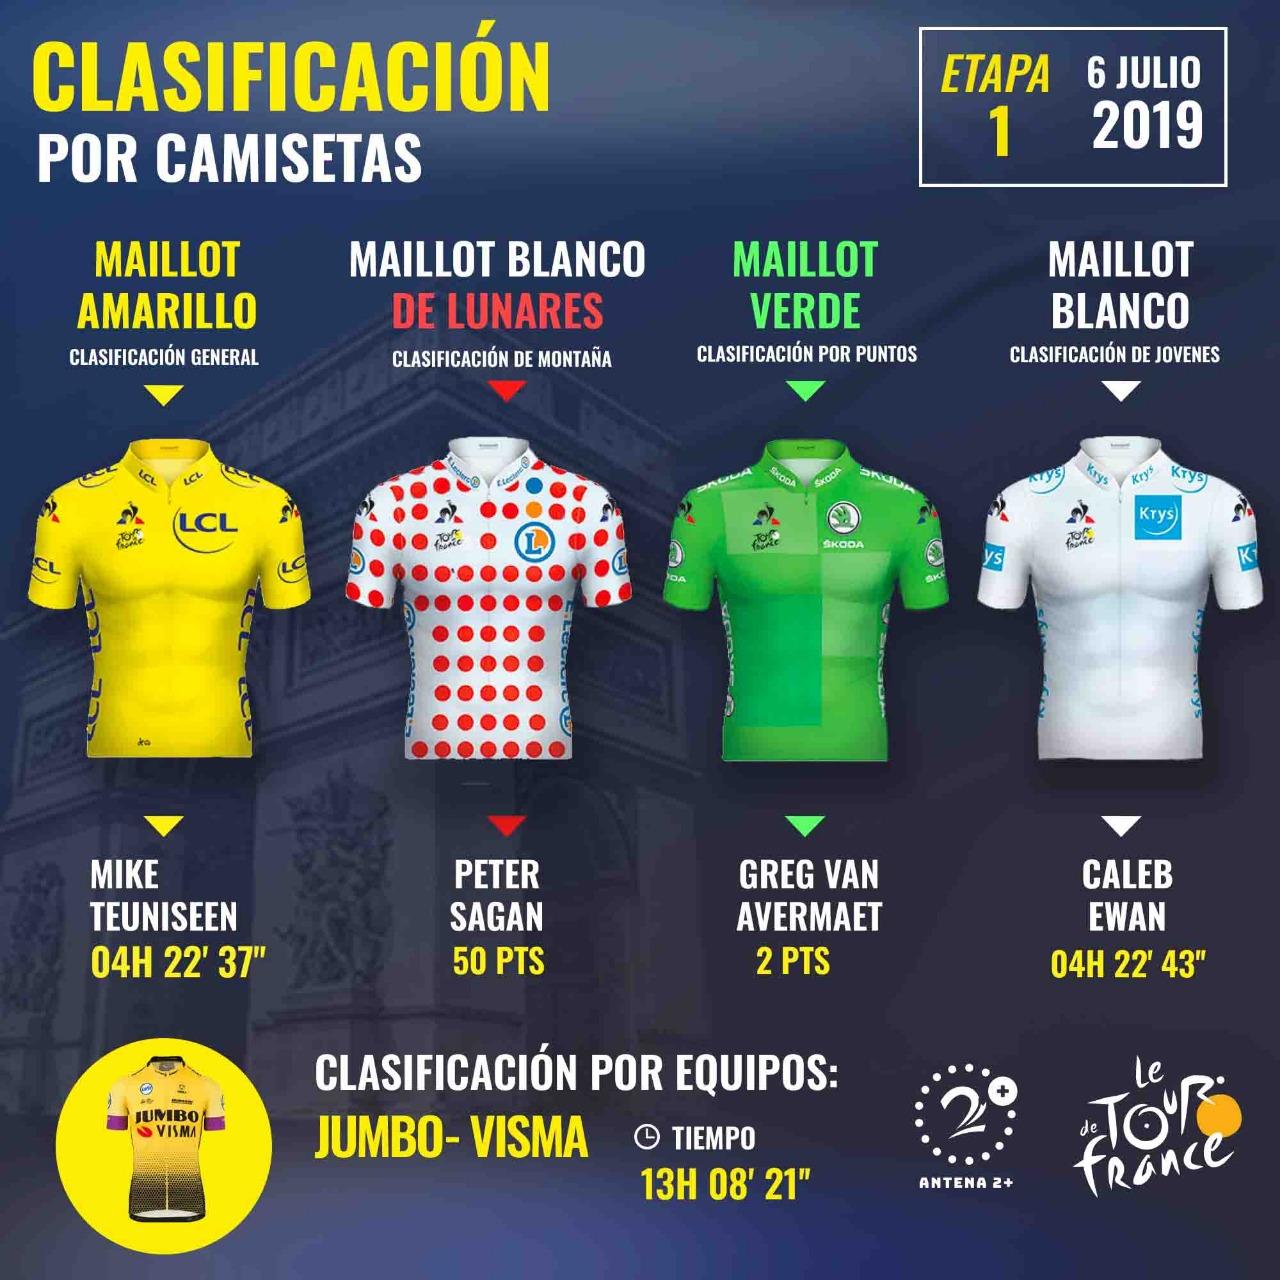 Tour de Francia 2019, líderes